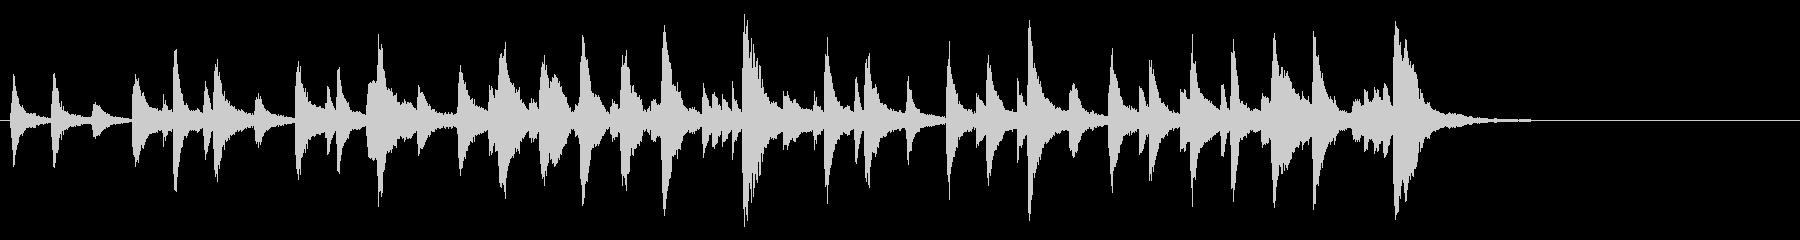 《ジゼル》より ペザントの男性Var.の未再生の波形